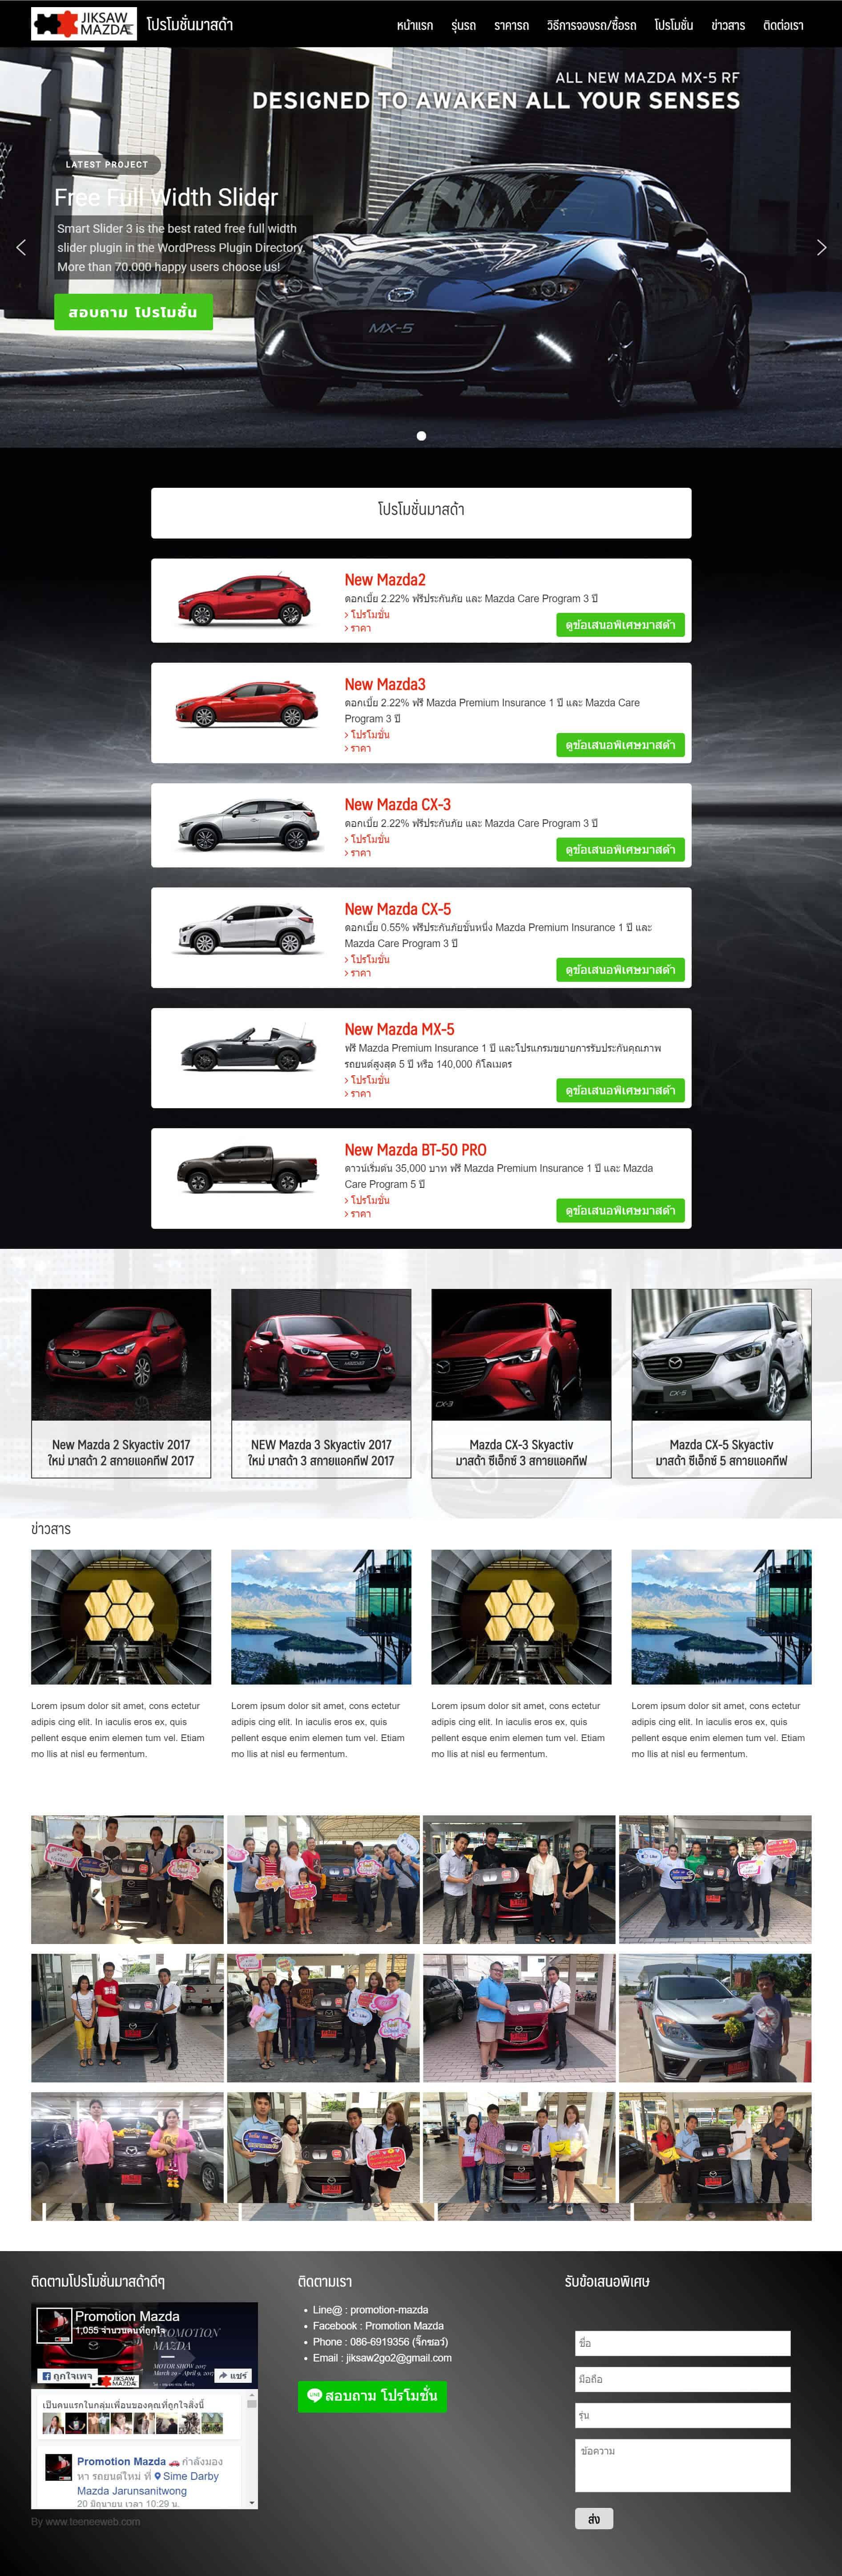 เว็บไซต์ตัวแทนจำหน่ายรถยนต์